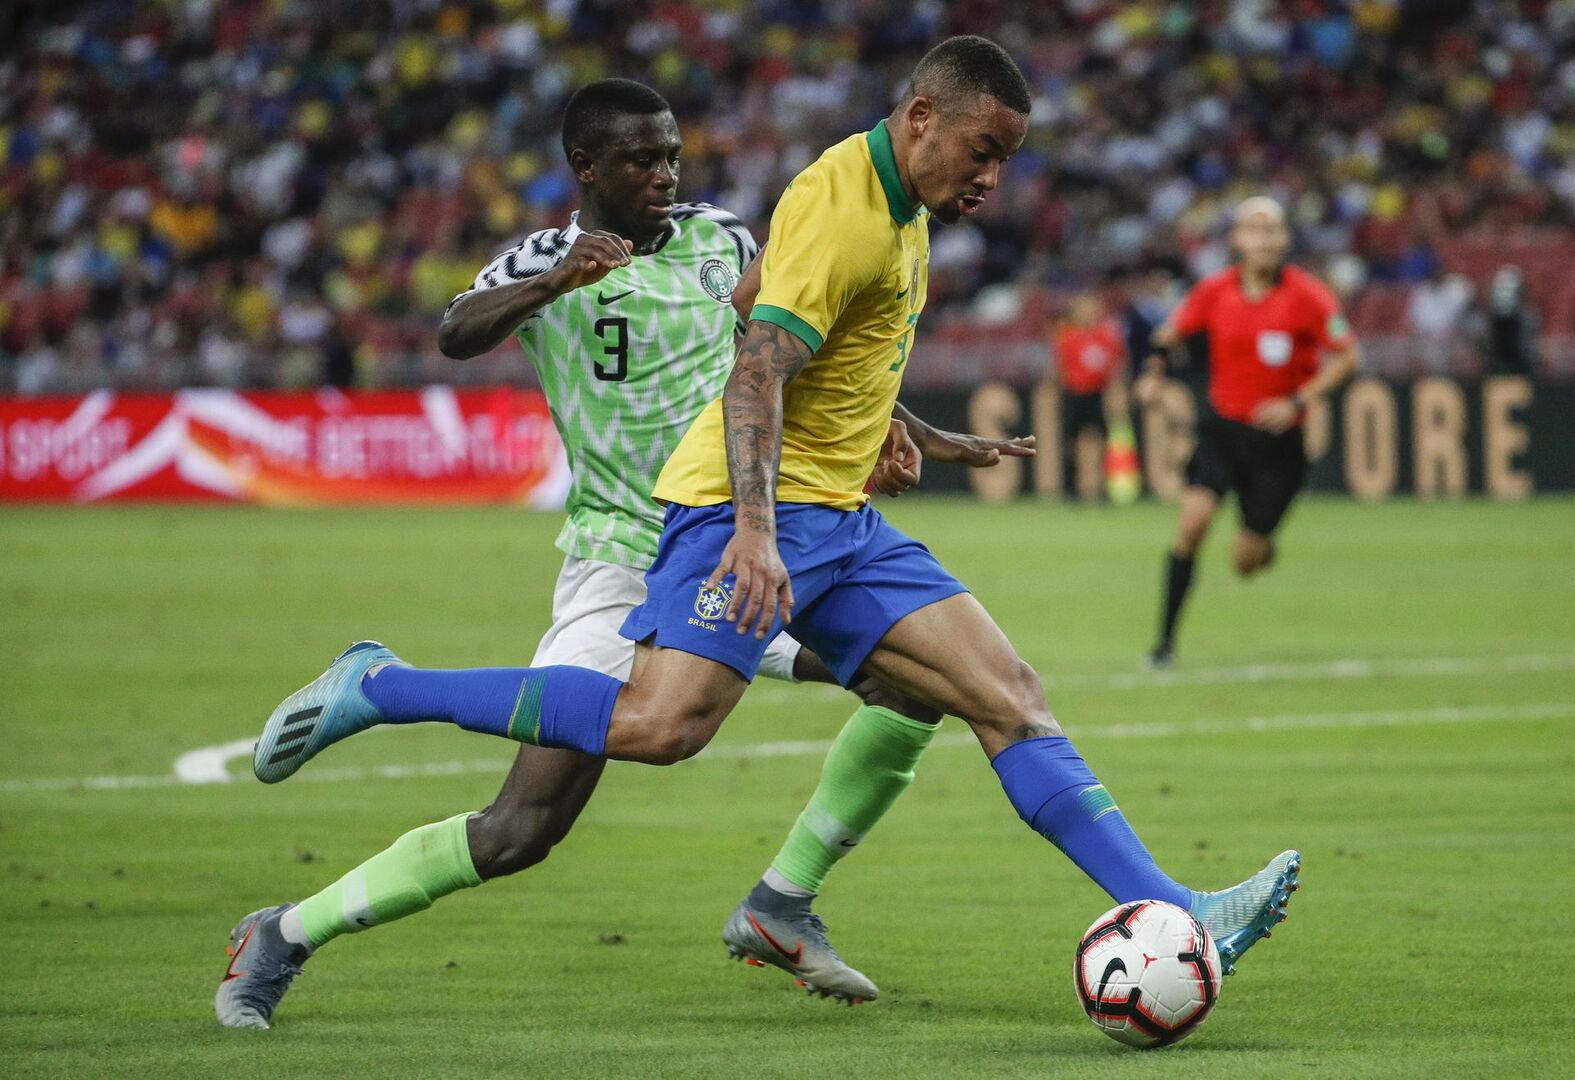 Una gris Brasil no pasa del empate ante Nigeria (1-1)